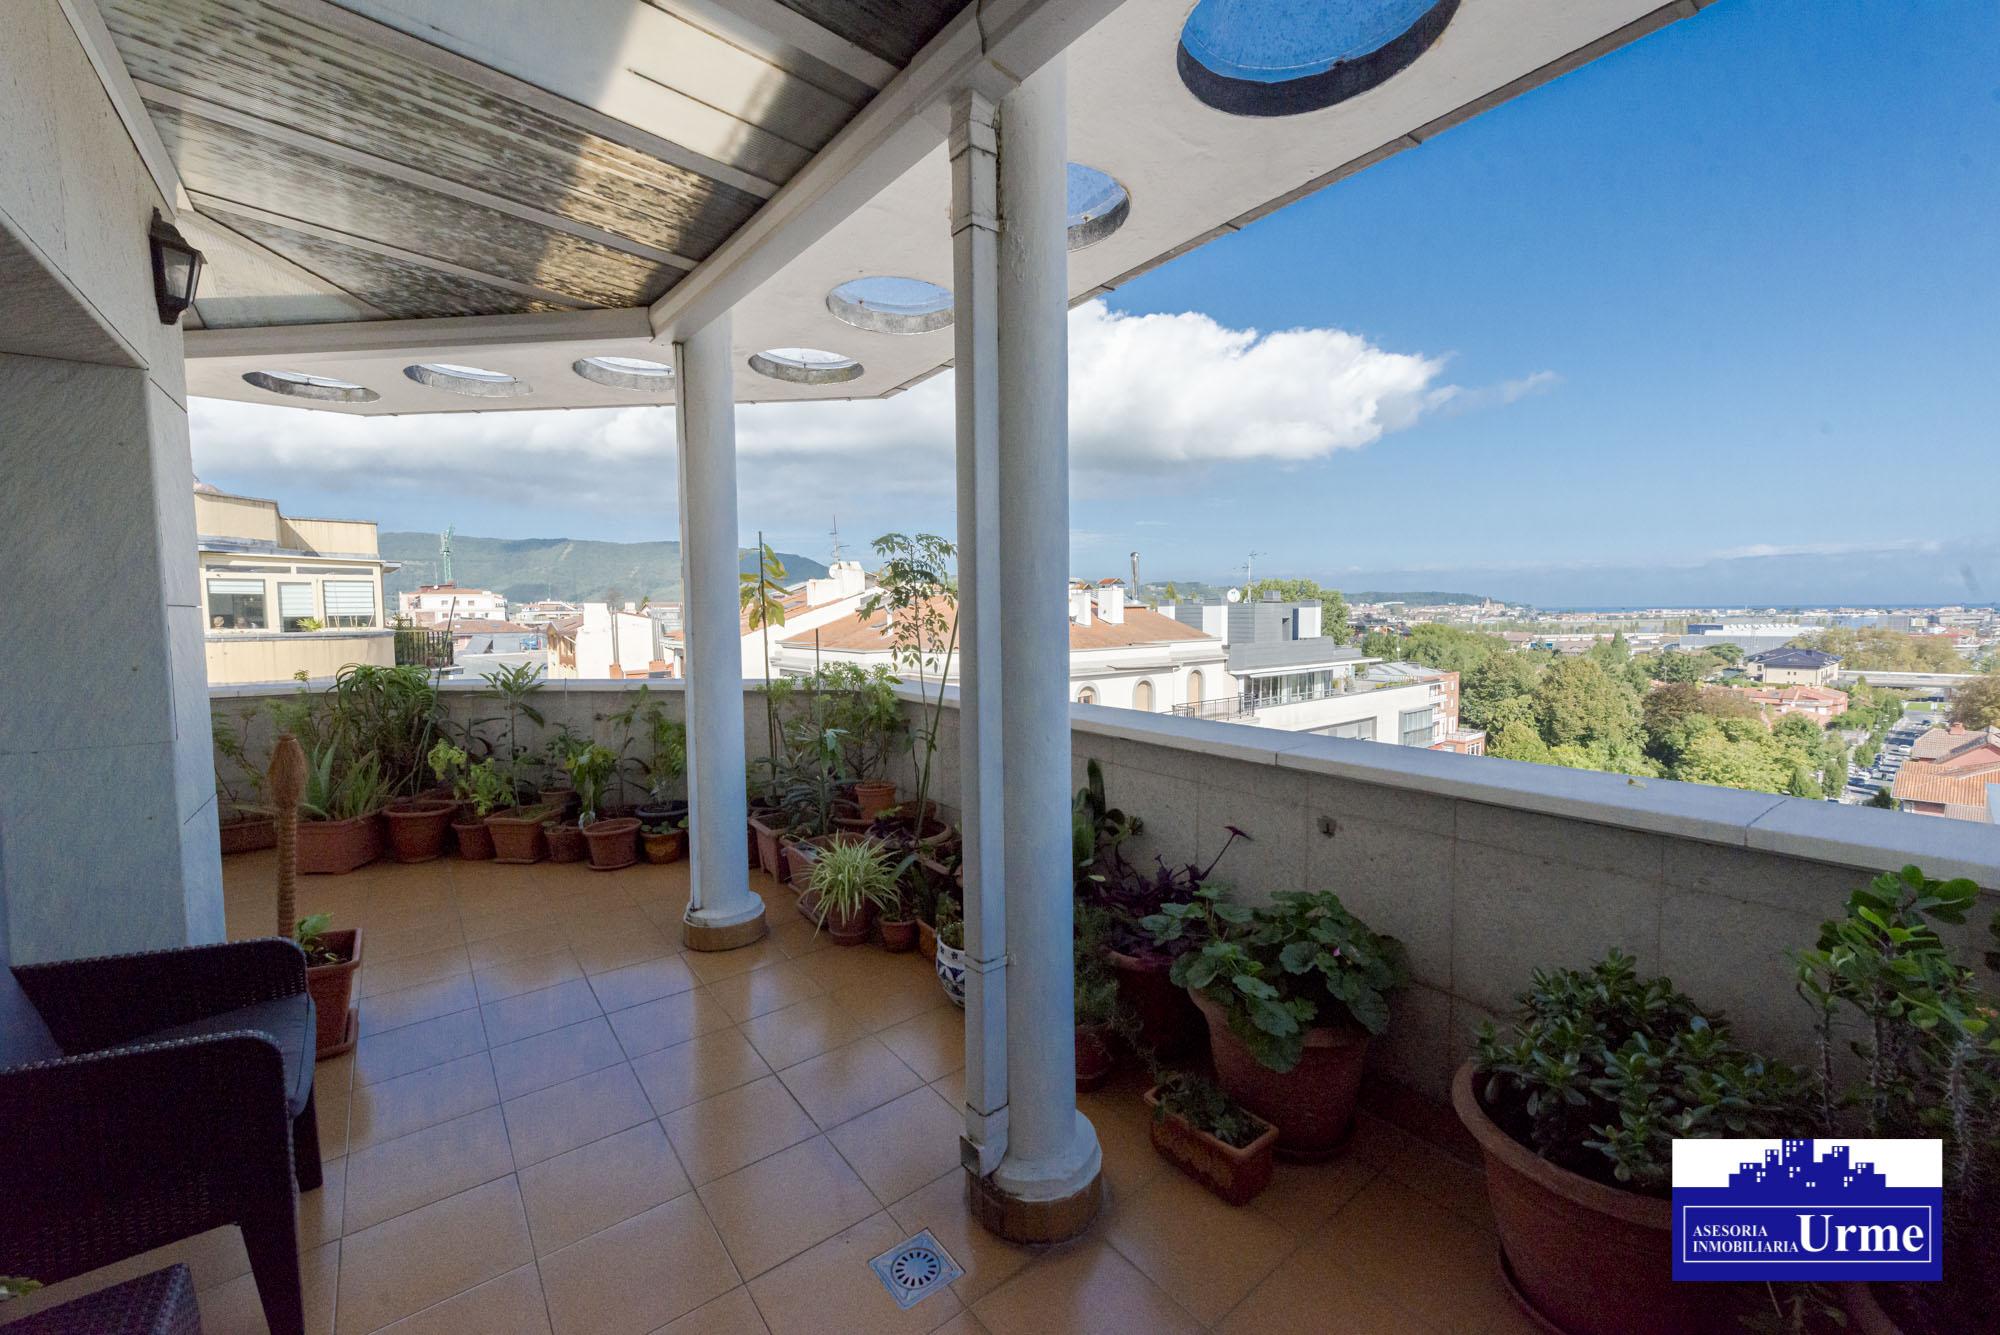 Atipico!!ultima planta,vistas sensacionales, terraza de 45m2,5 habitaciones, gran salon, cocina equipada.Terraza comunitaria en la zotea, vistas 180º!!!informate!!!